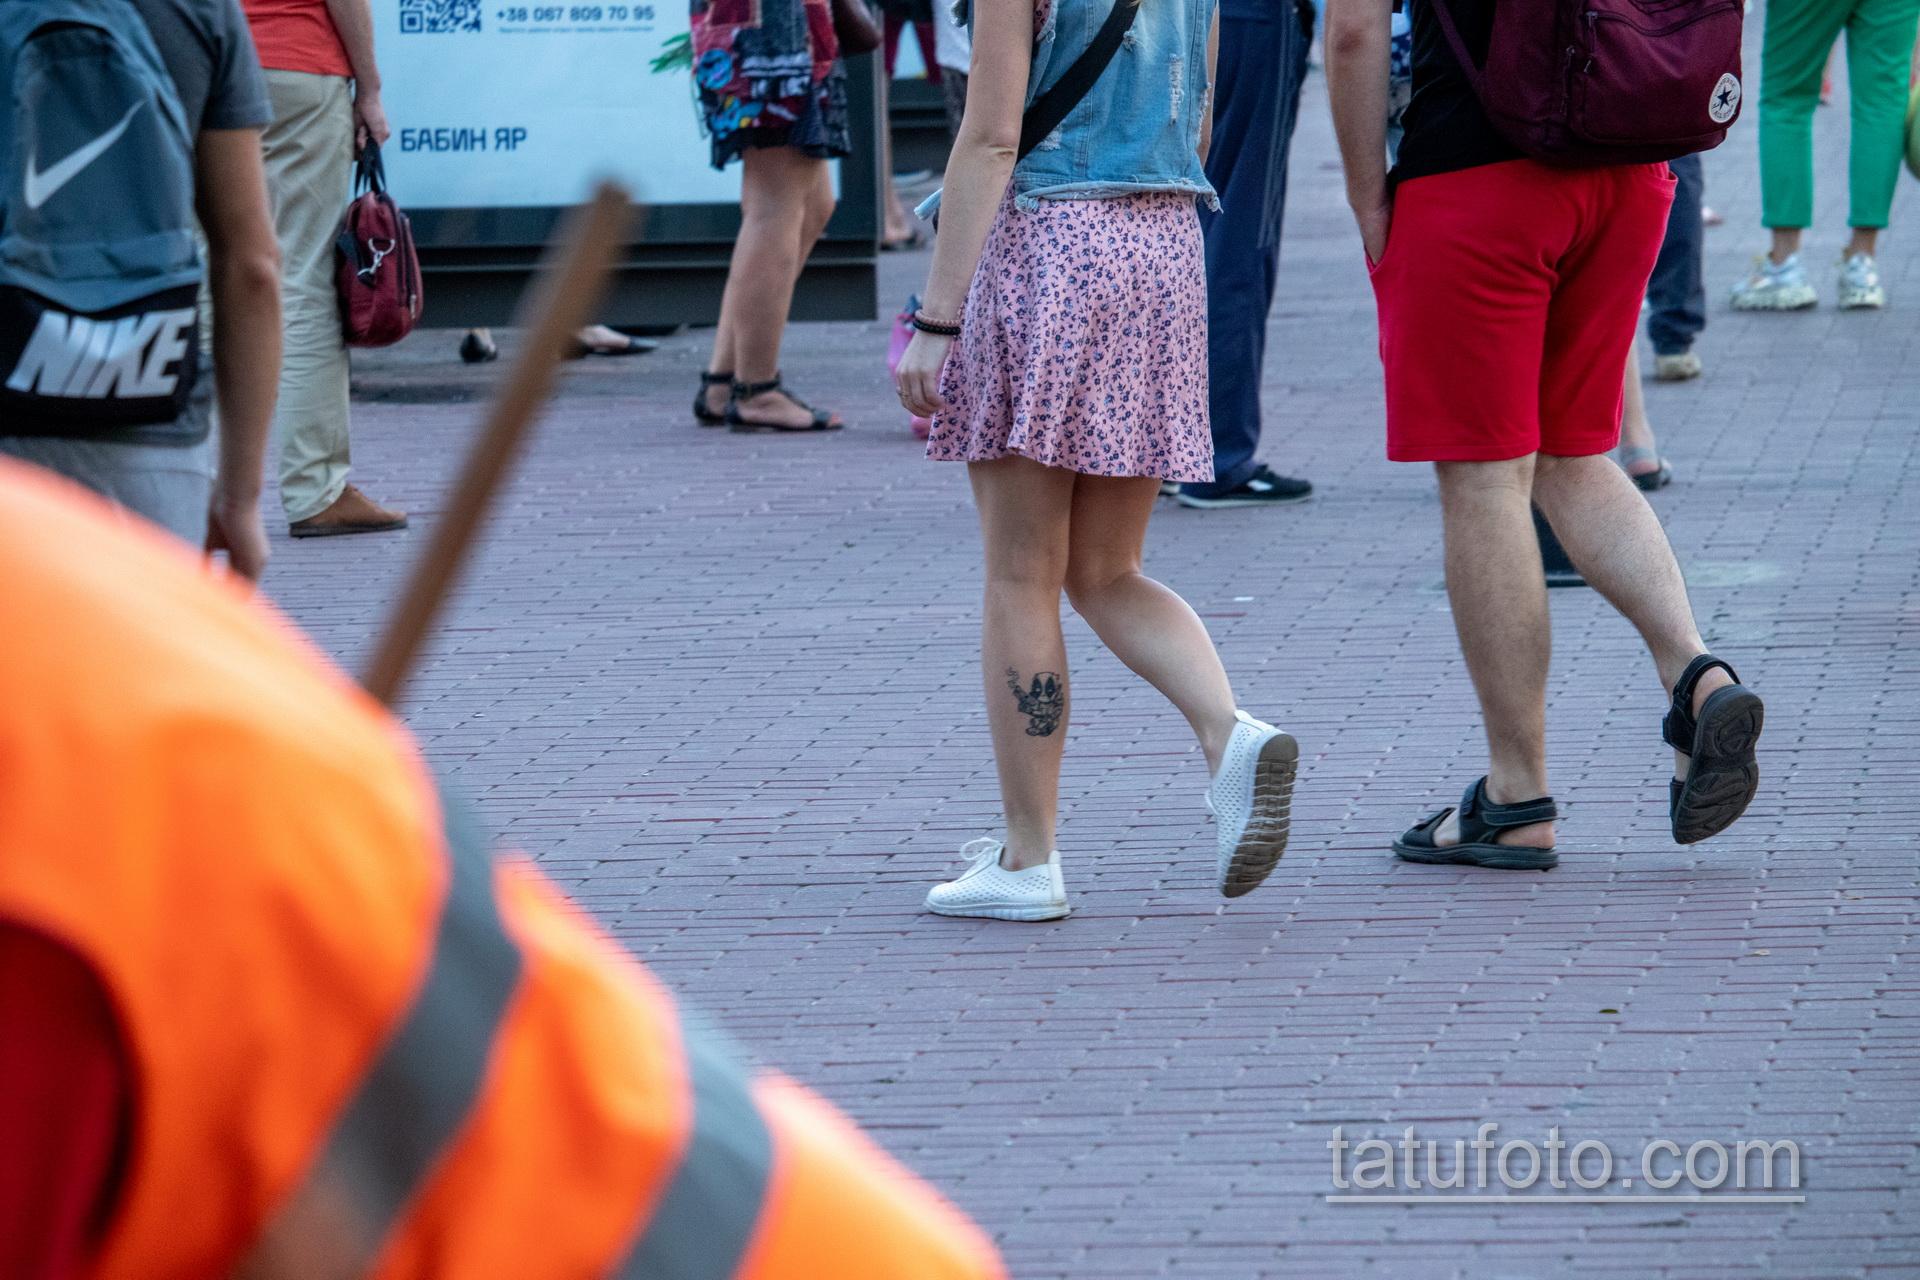 Тату с младенцем Дед Пулом на ноге у девушки - Уличная татуировка 14.09.2020 – tatufoto.com 7